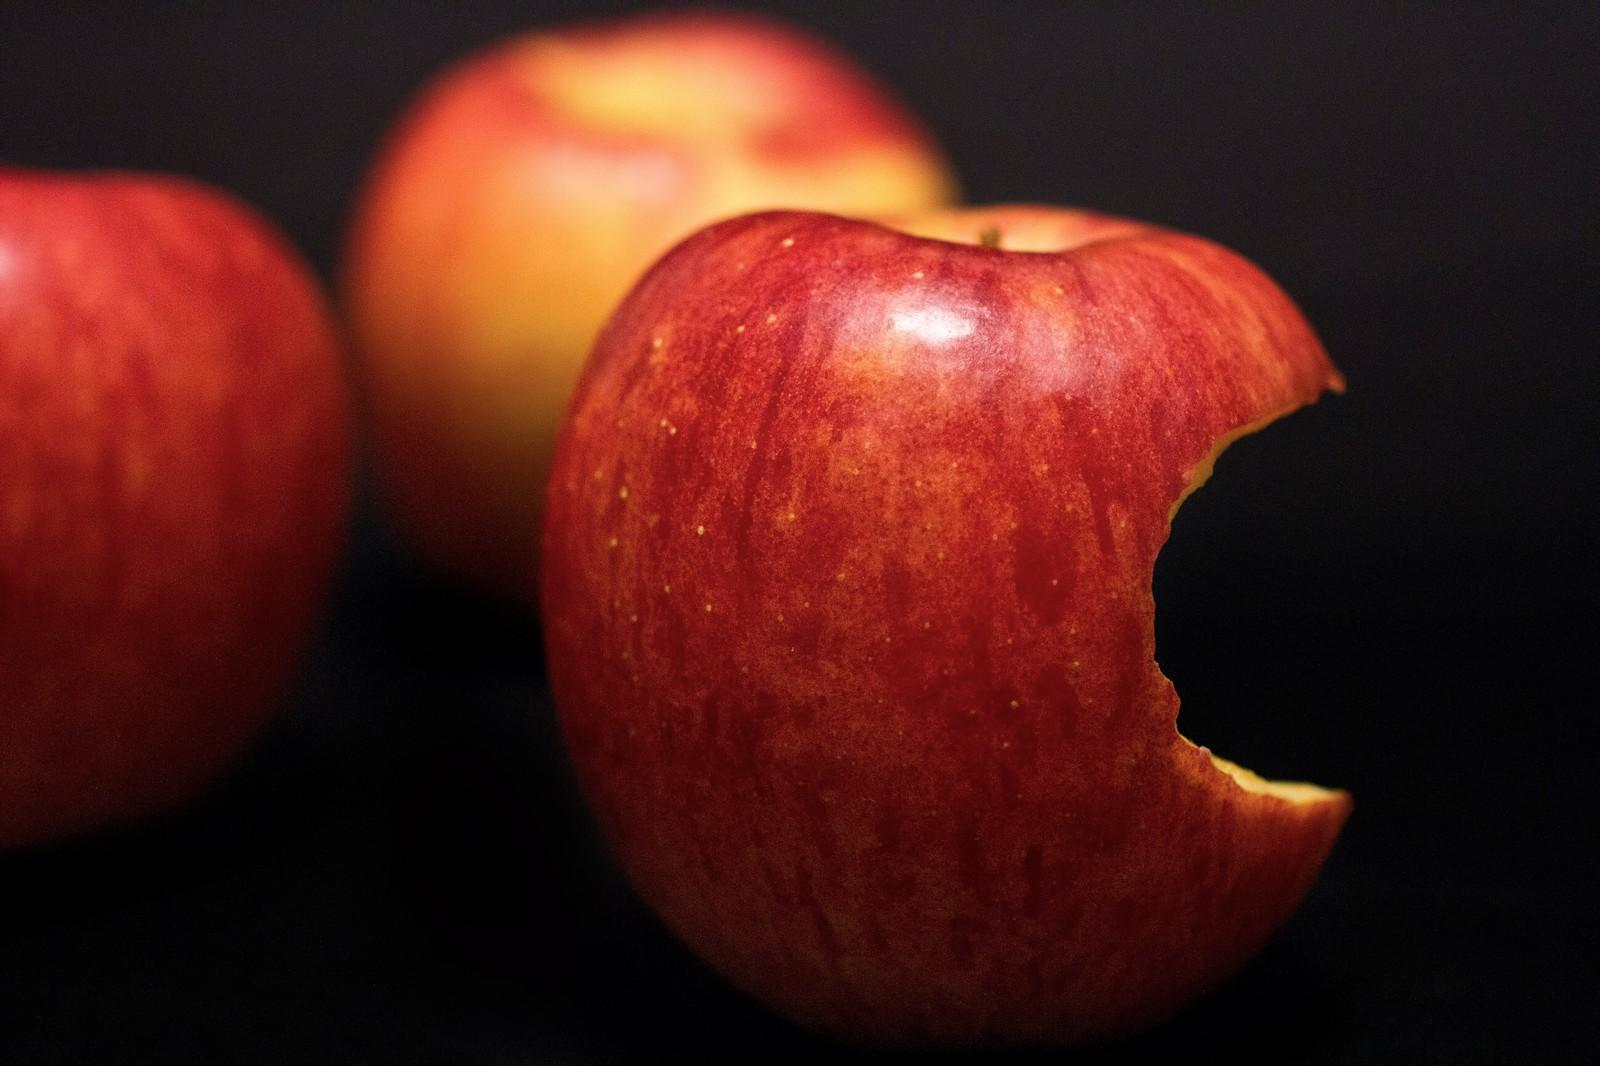 果物の被害も多い